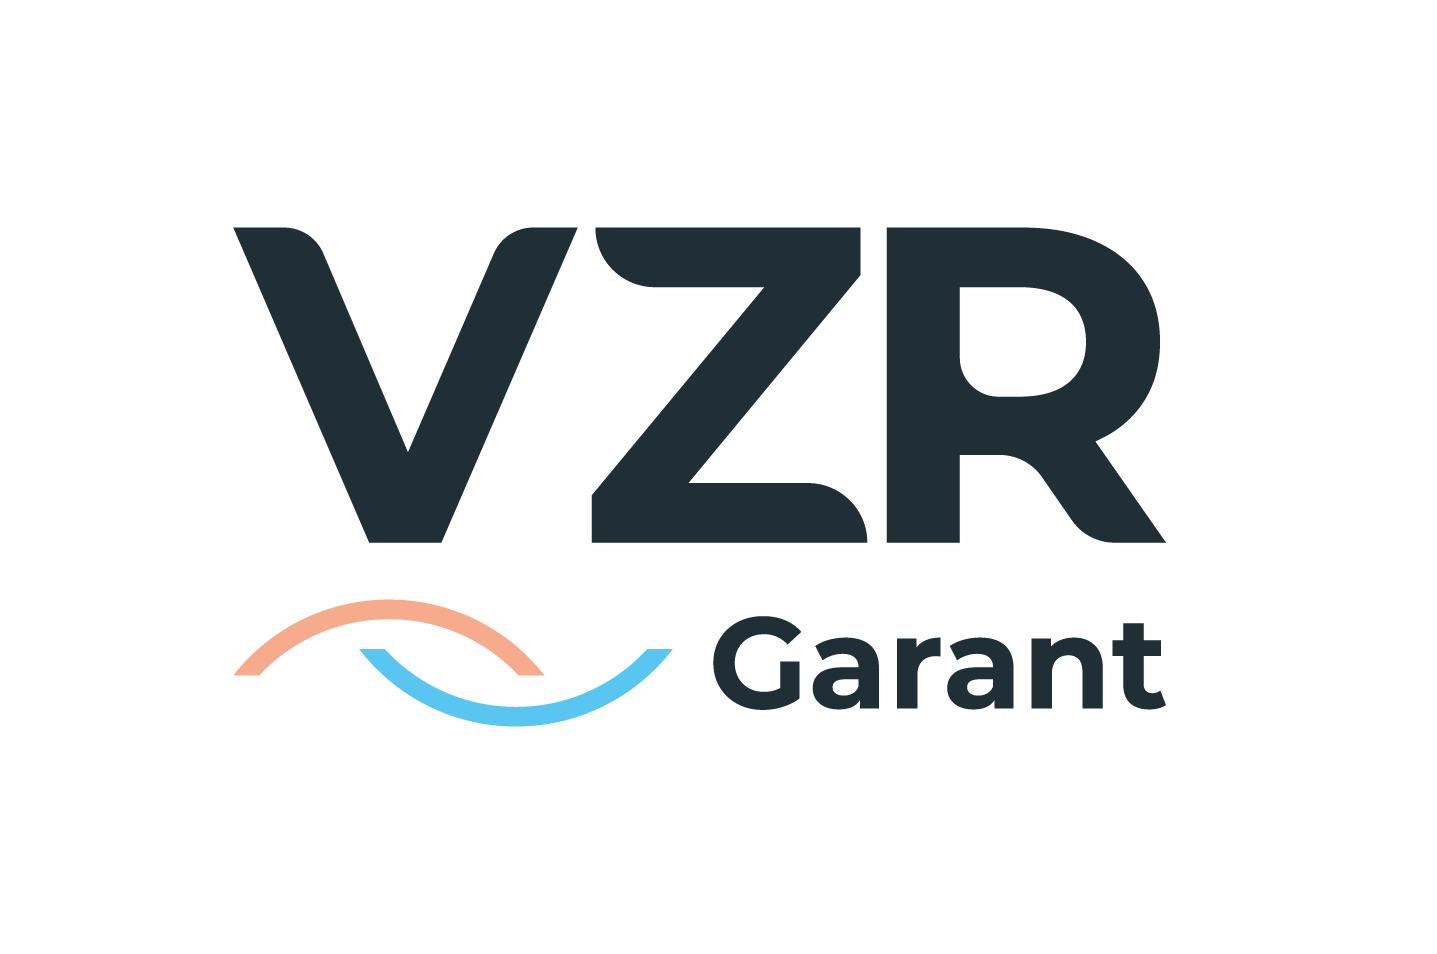 vzr garant website